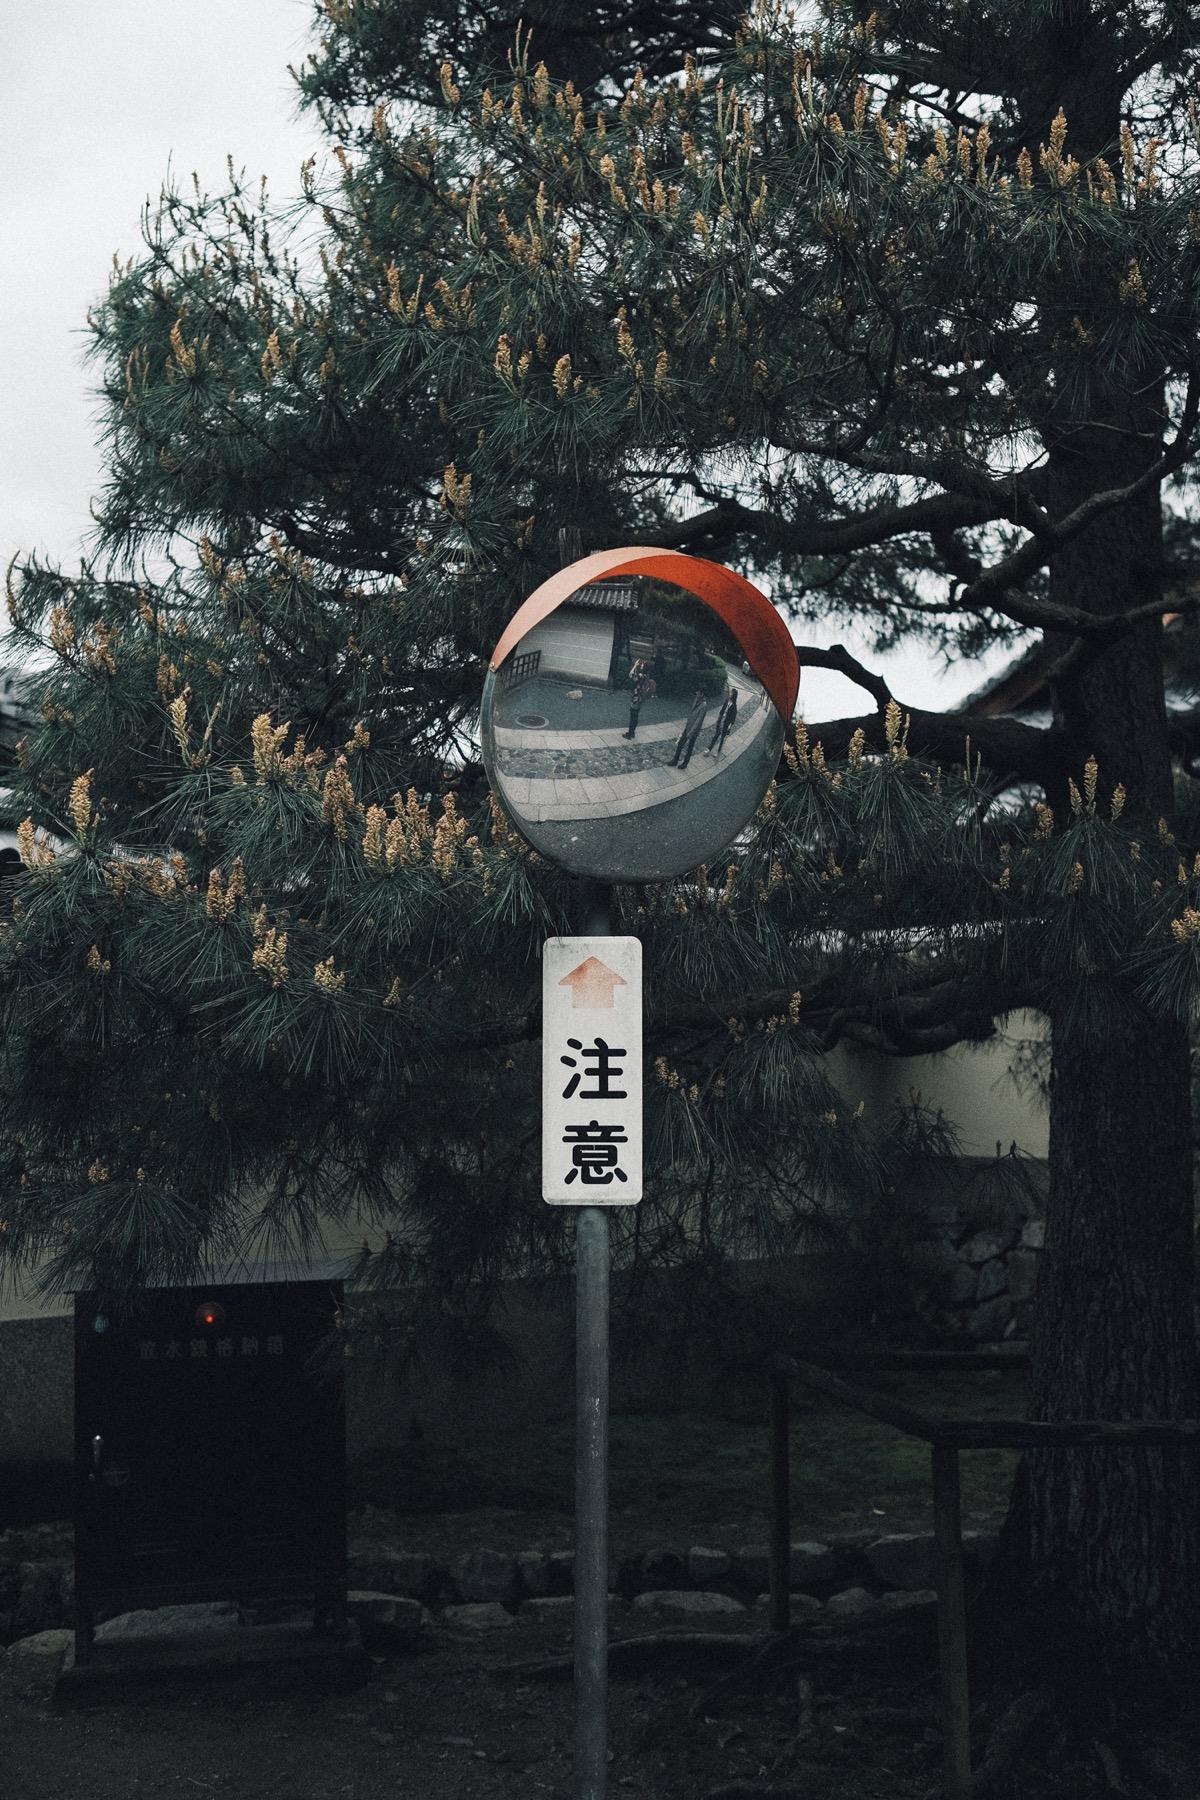 Kinlake-Kyoto-Lifestyle-2018-7850